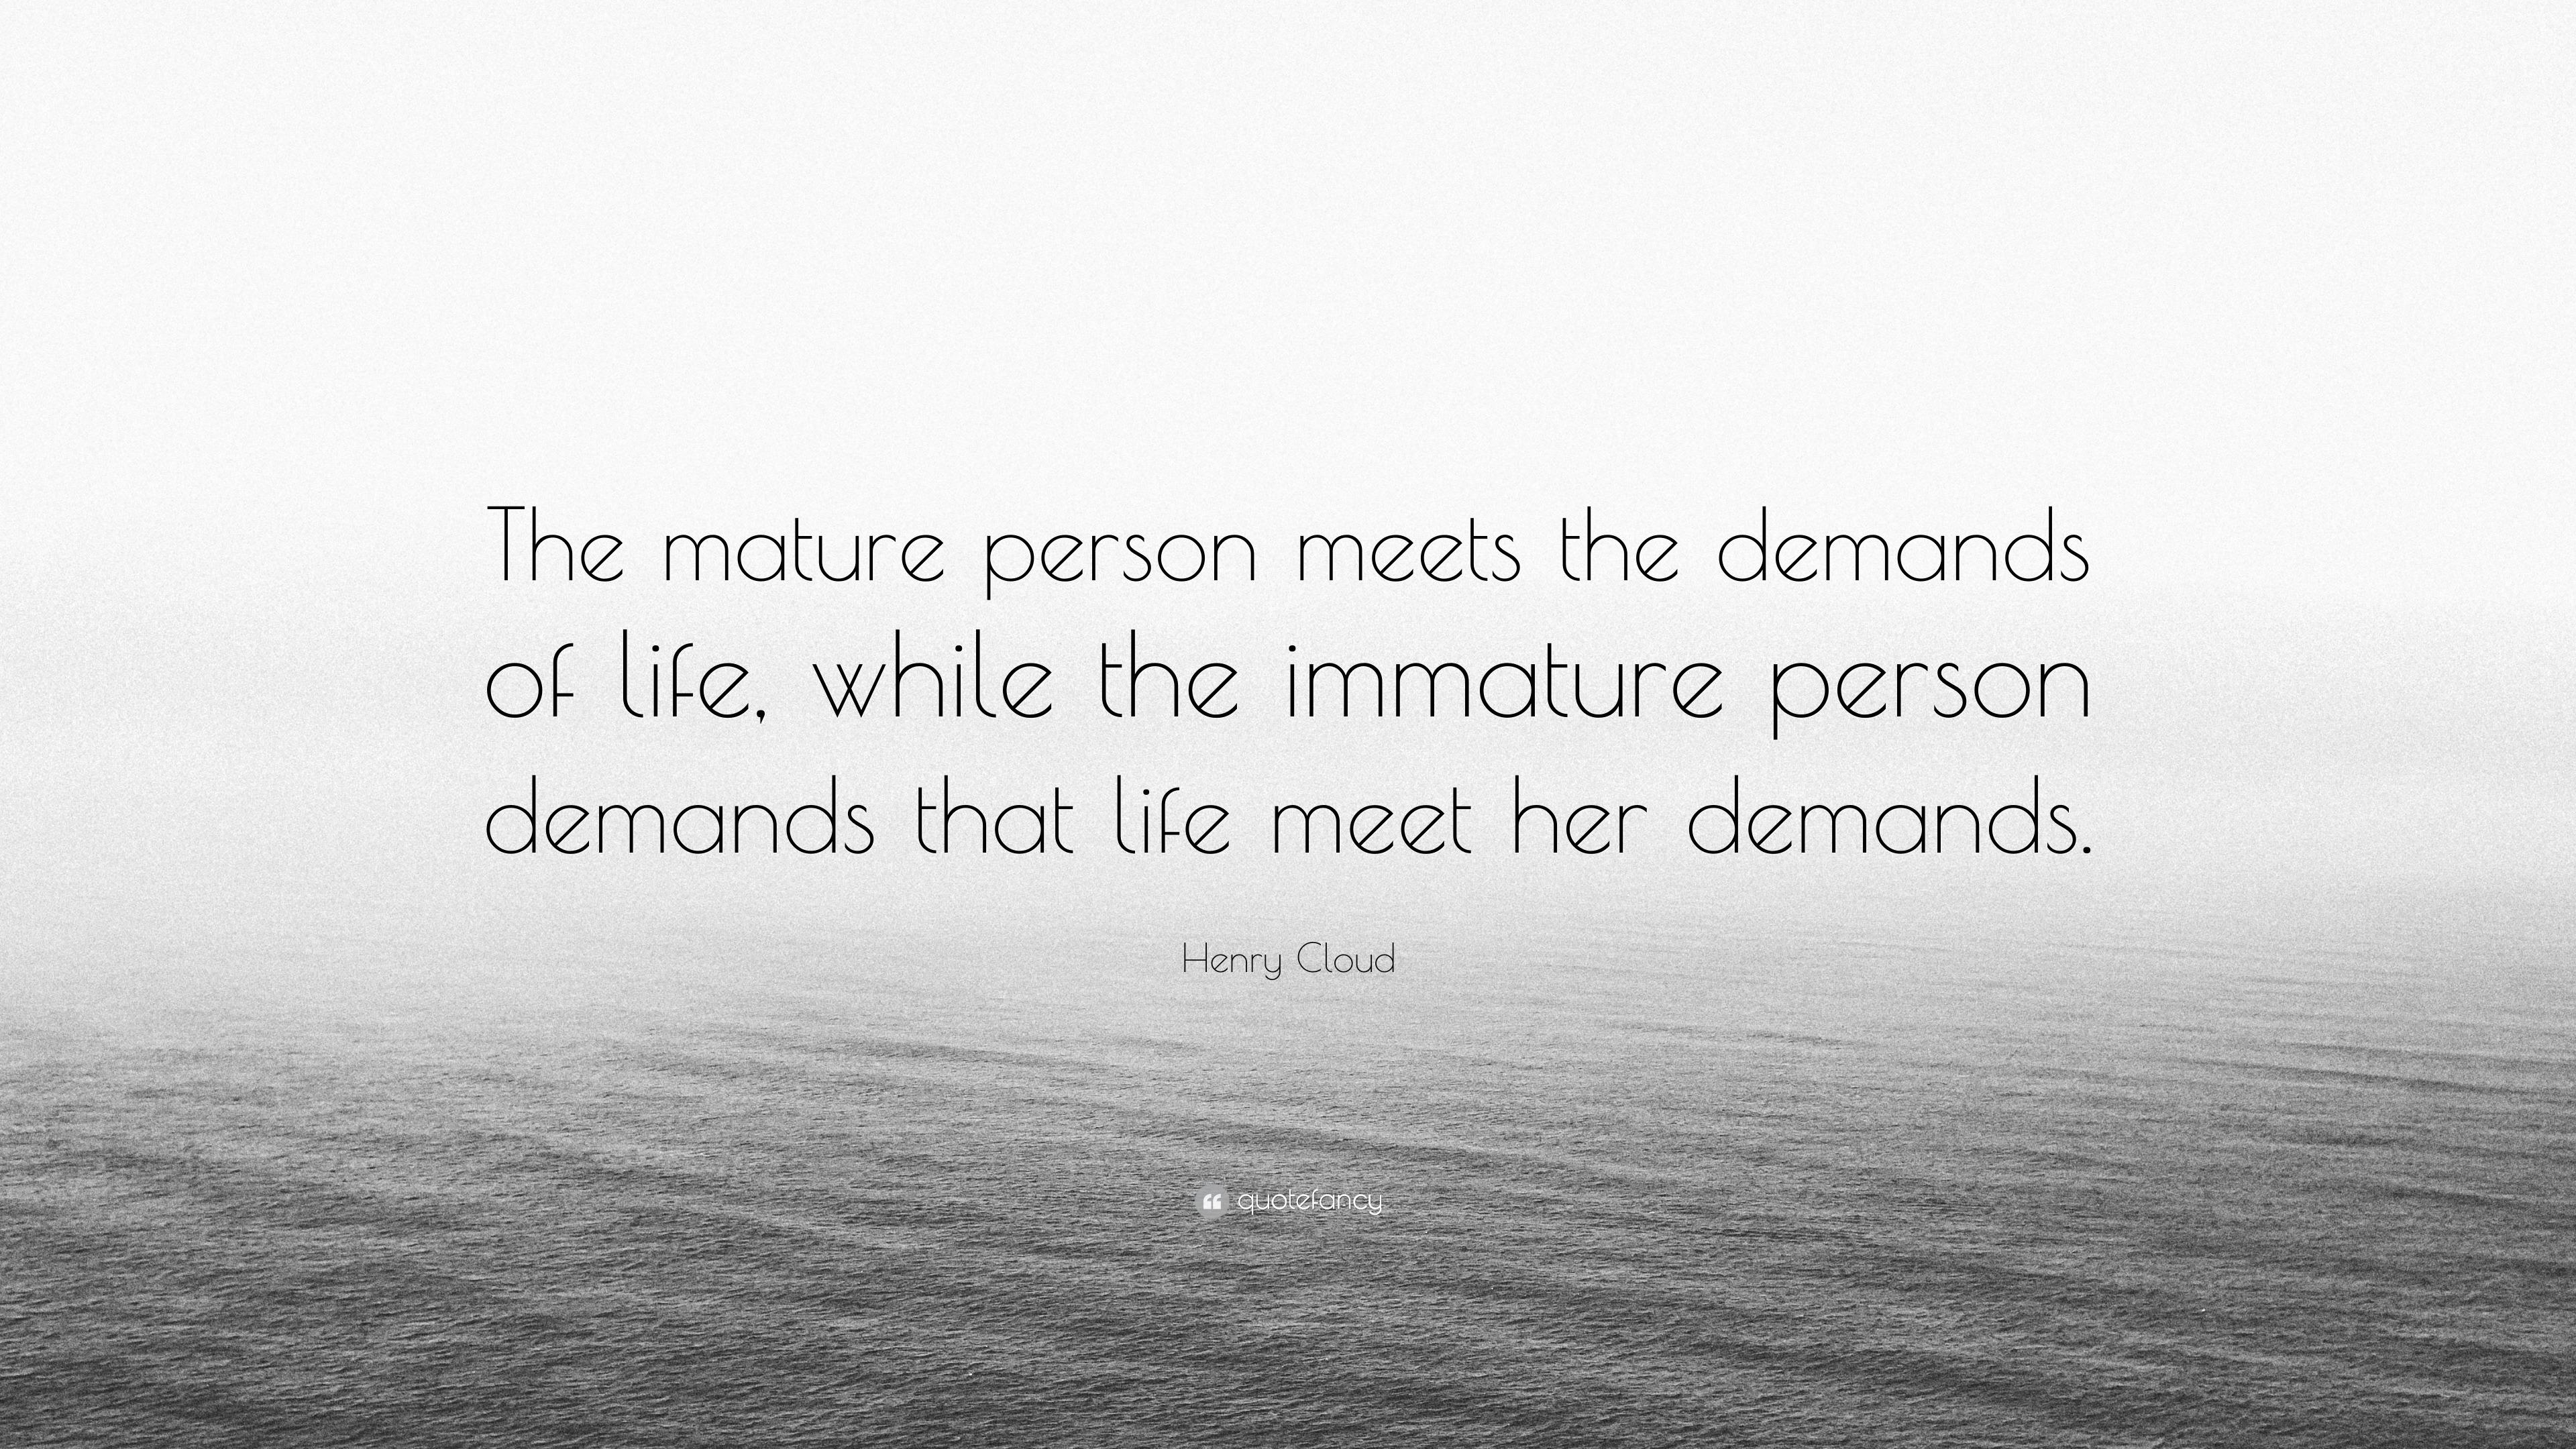 Mature vs immature